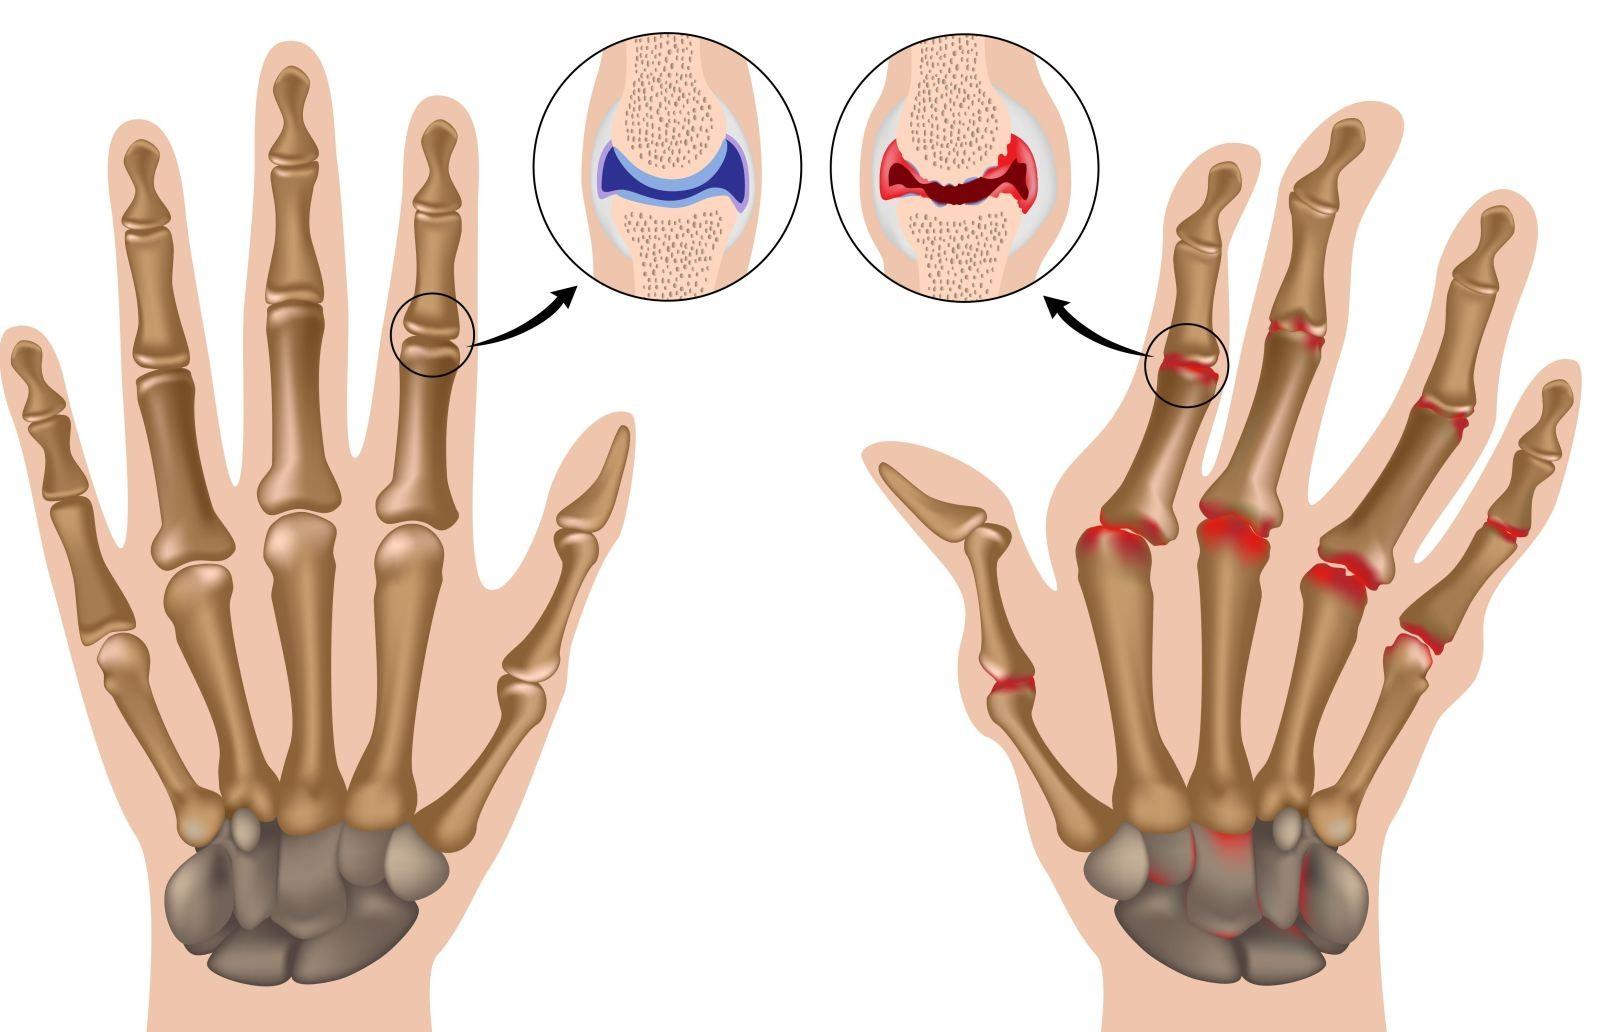 артрит симптомы болезни Реактивный артрит: лечение, симптомы и причины